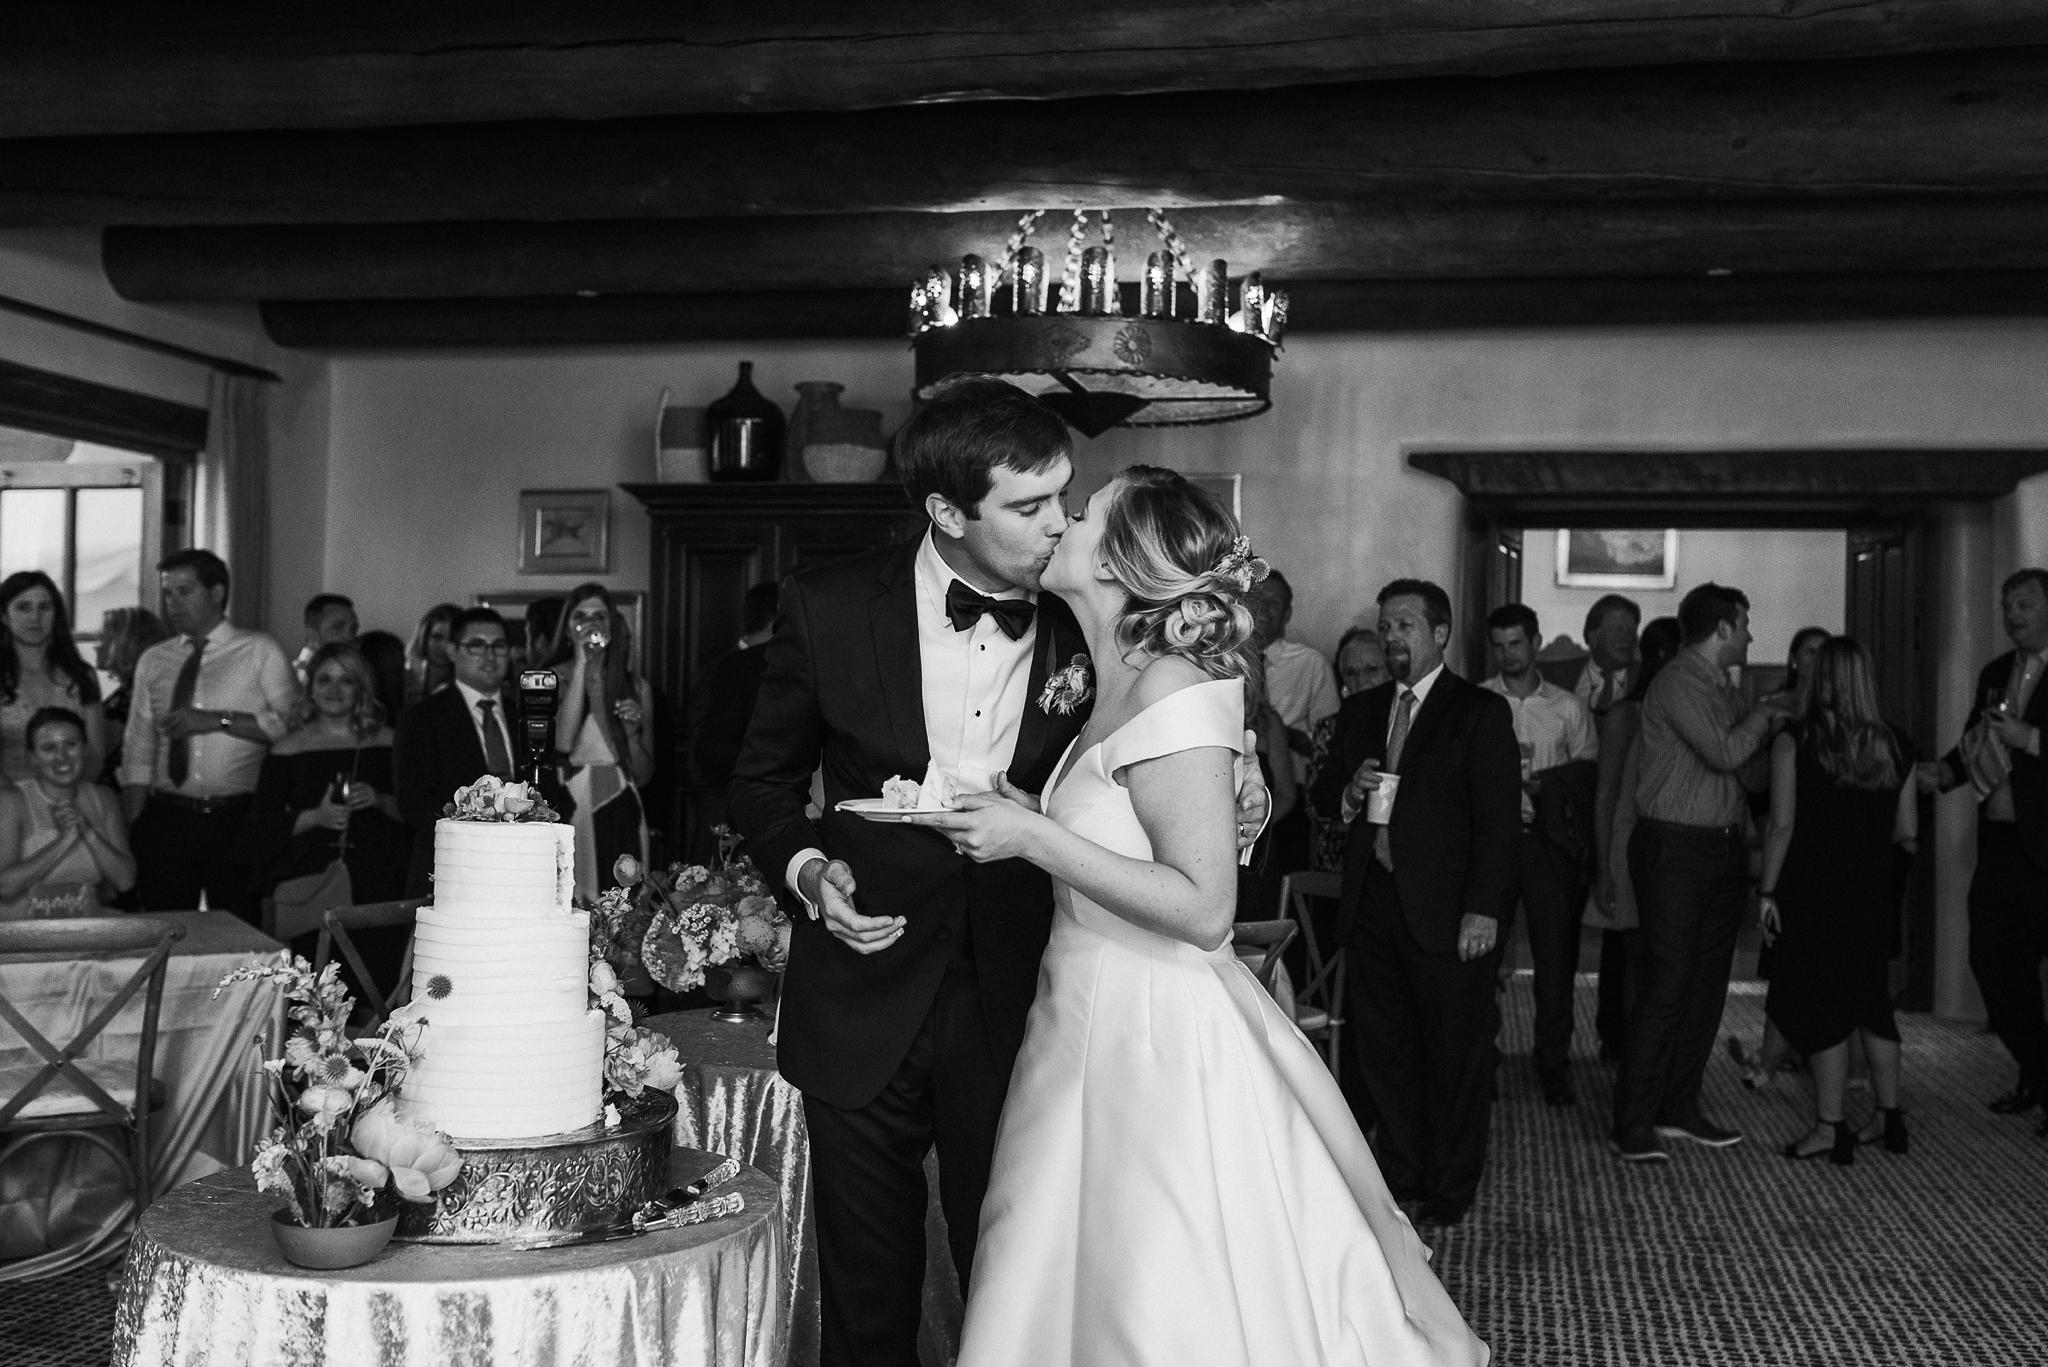 Alicia+lucia+photography+-+albuquerque+wedding+photographer+-+santa+fe+wedding+photography+-+new+mexico+wedding+photographer+-+new+mexico+wedding+-+las+campanas+wedding+-+santa+fe+wedding+-+maximalist+wedding+-+destination+wedding_0148.jpg